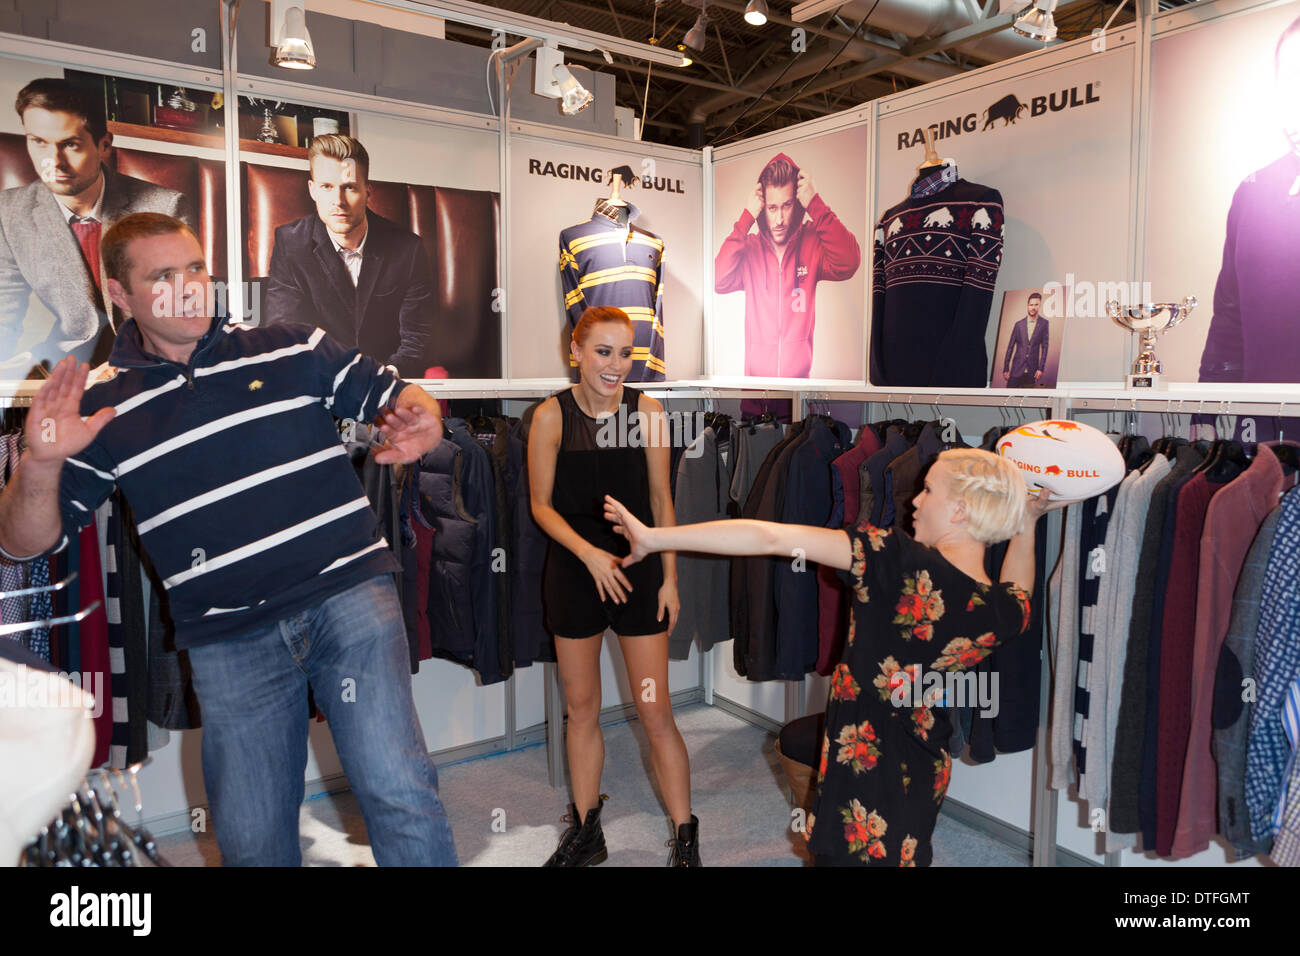 Birmingham, Reino Unido. 17 Feb 2014. Phil Vickery foto compartir una risa con 2 modelos en el Raging Bull situarse en la moda Fashion show Crédito: Paul Hastie/Alamy Live News Imagen De Stock